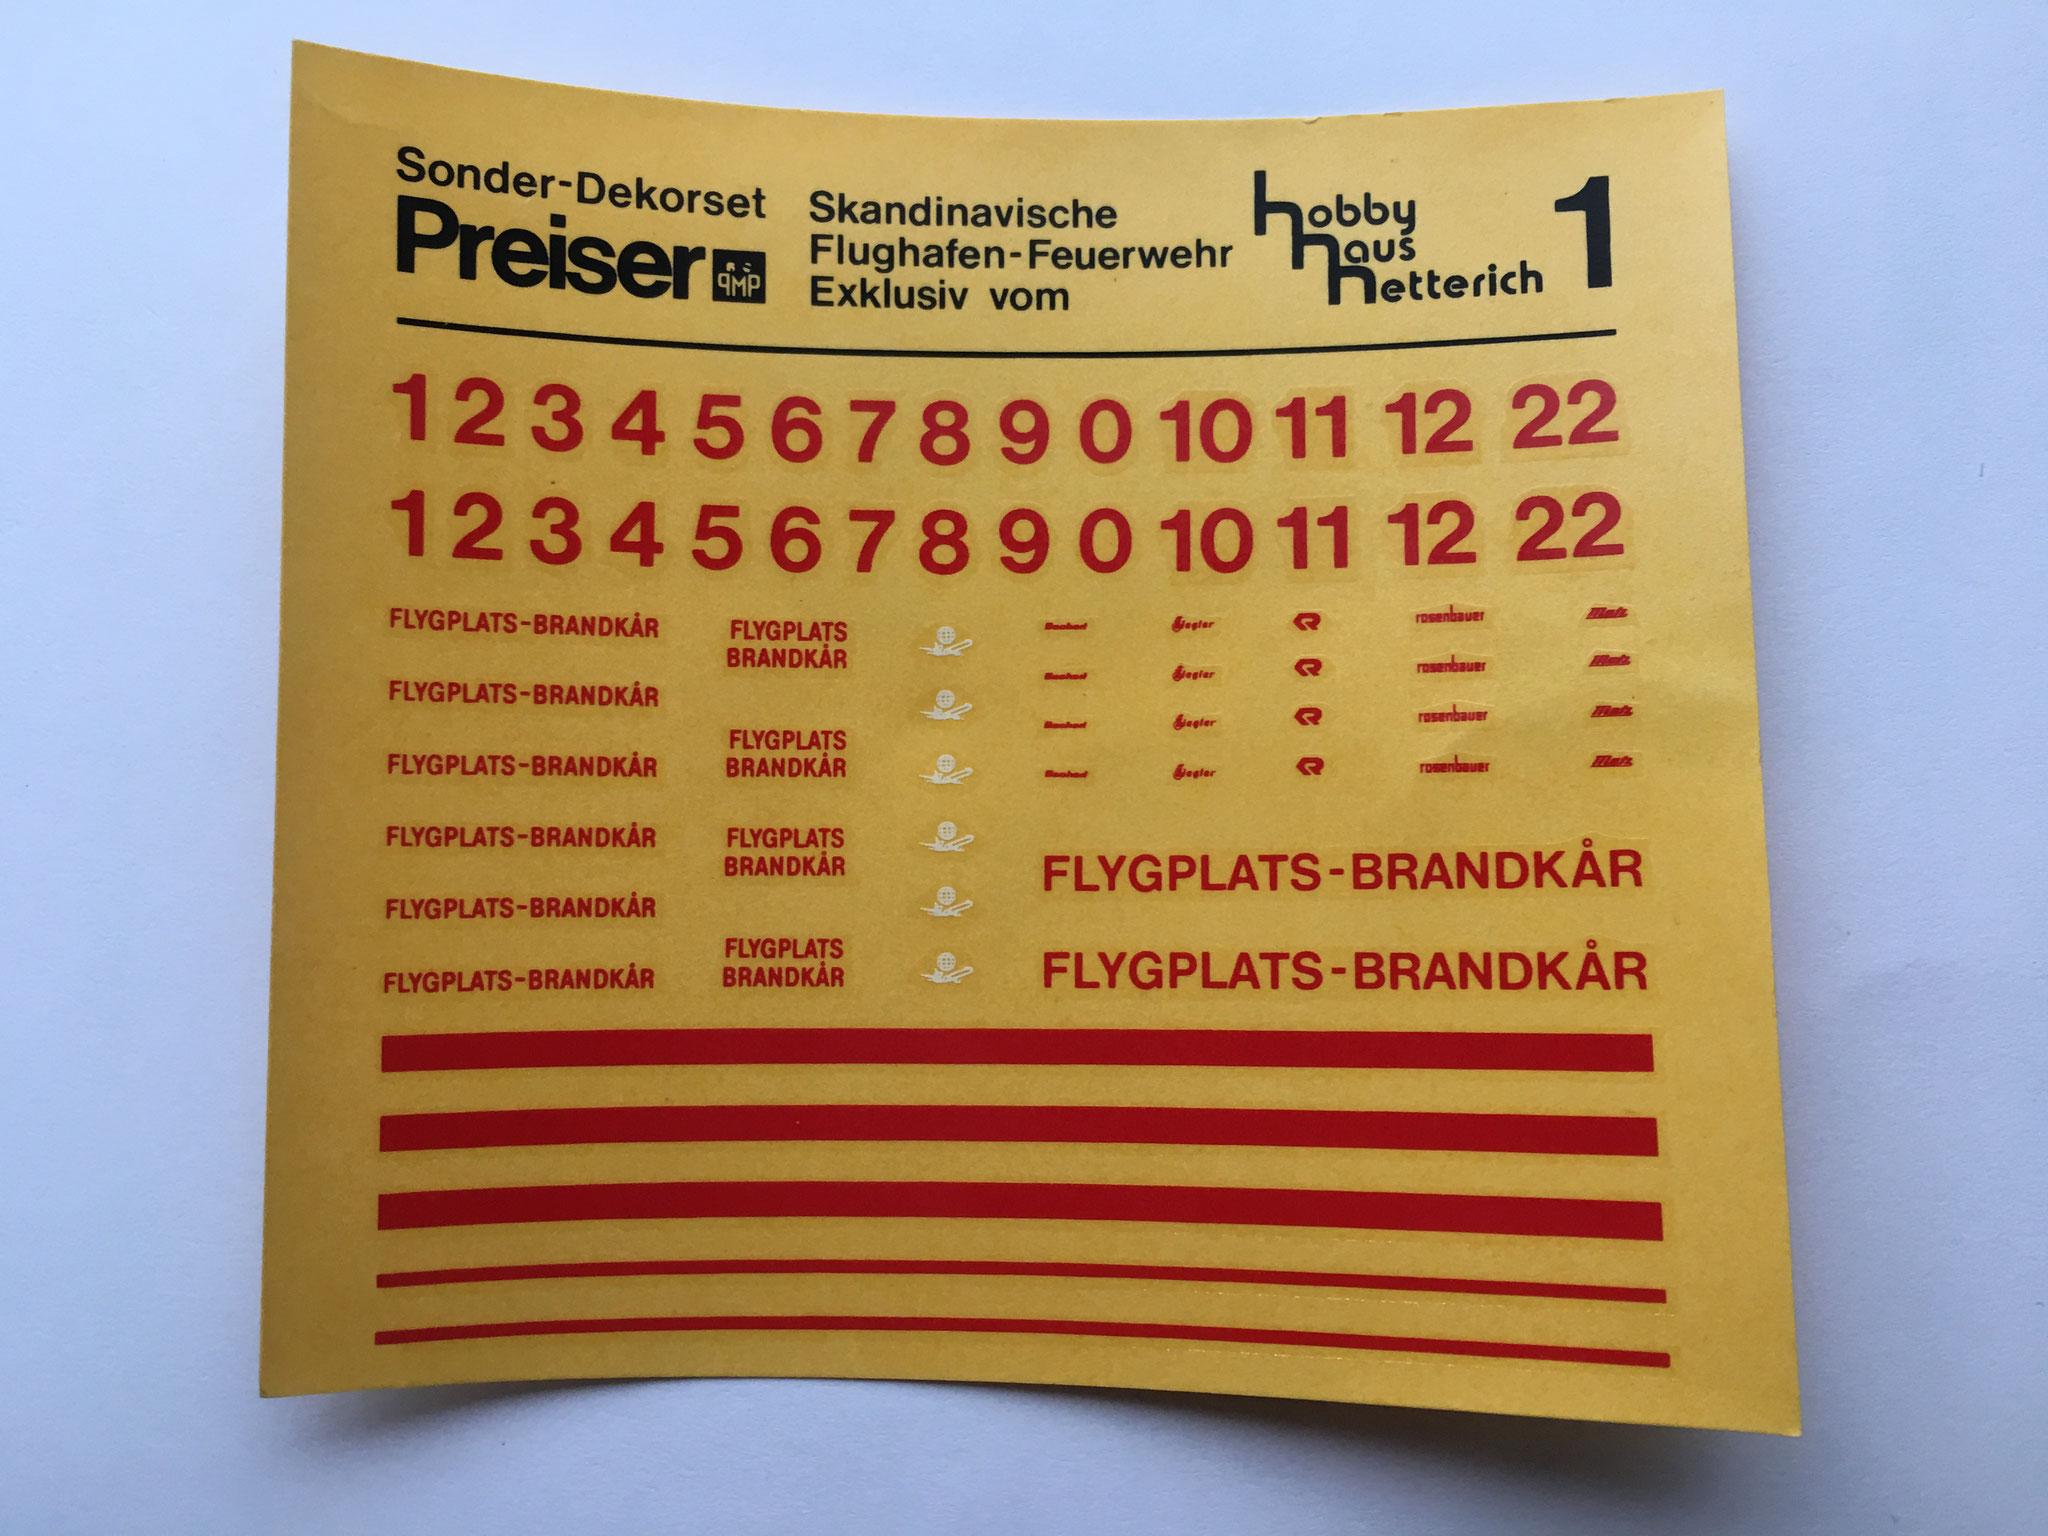 Decalbogen rot für Hobby Haus Hetterich, Hersteller Preiser